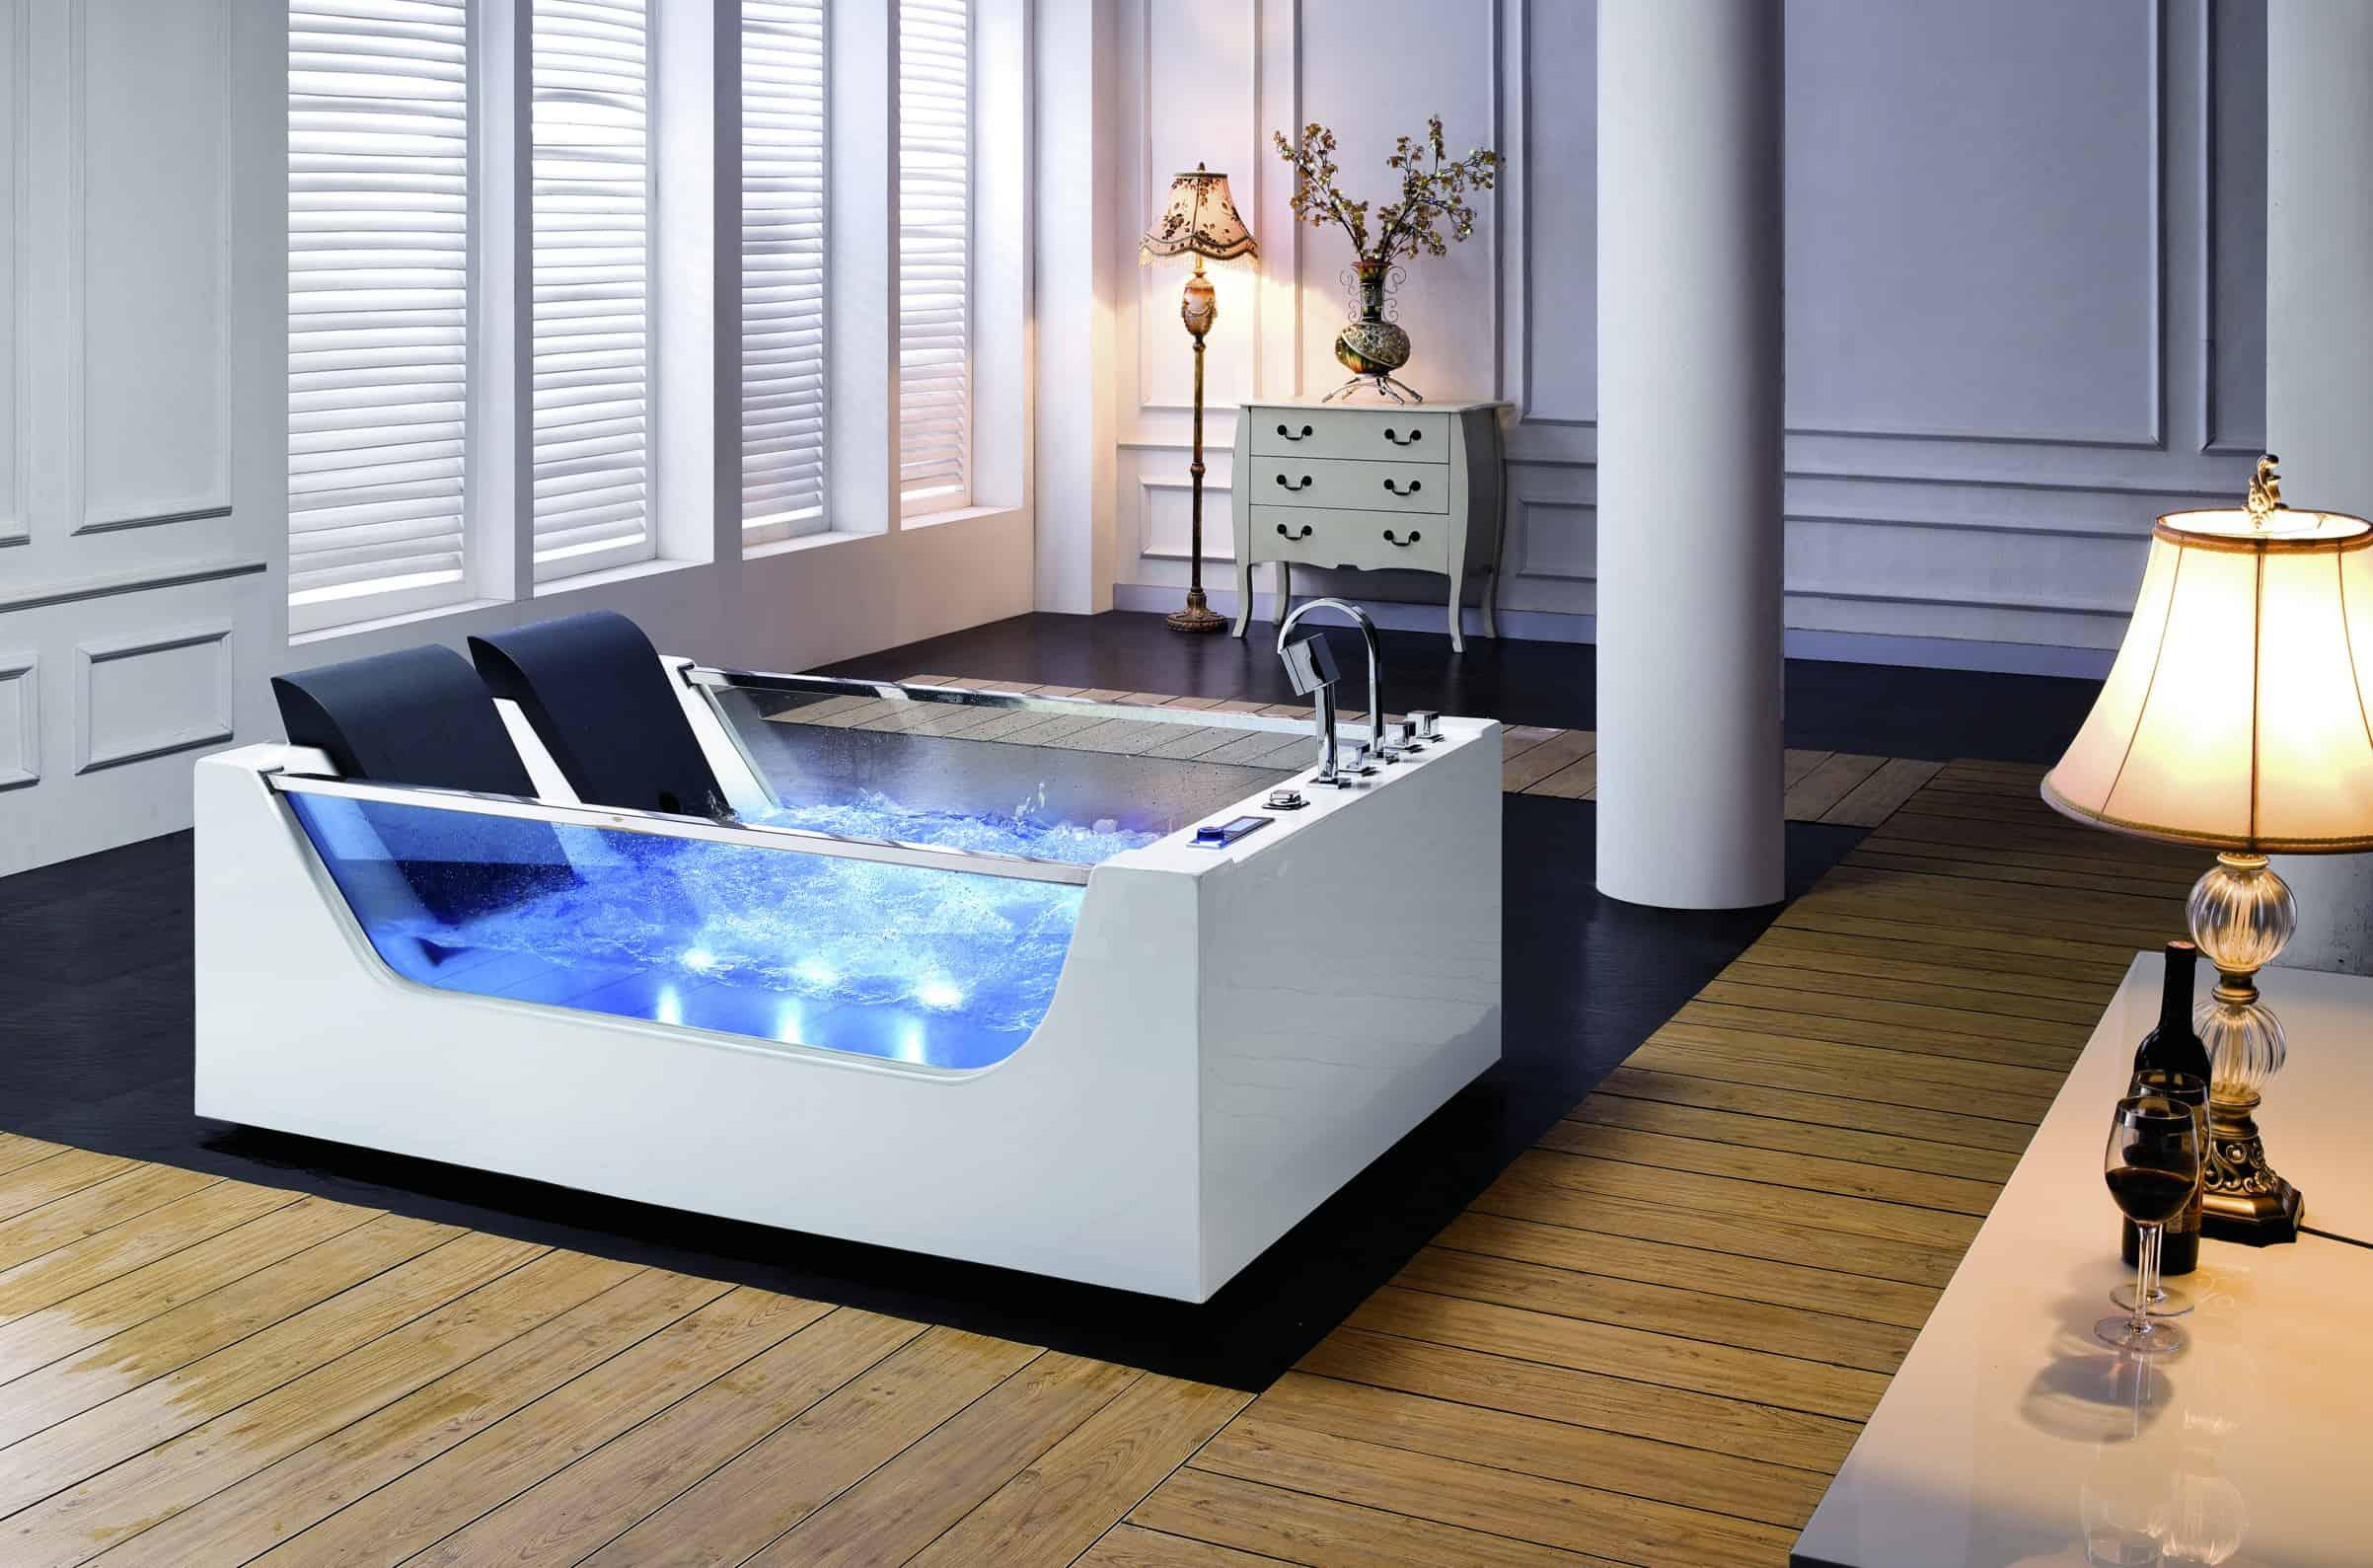 miami Spas Bath slide